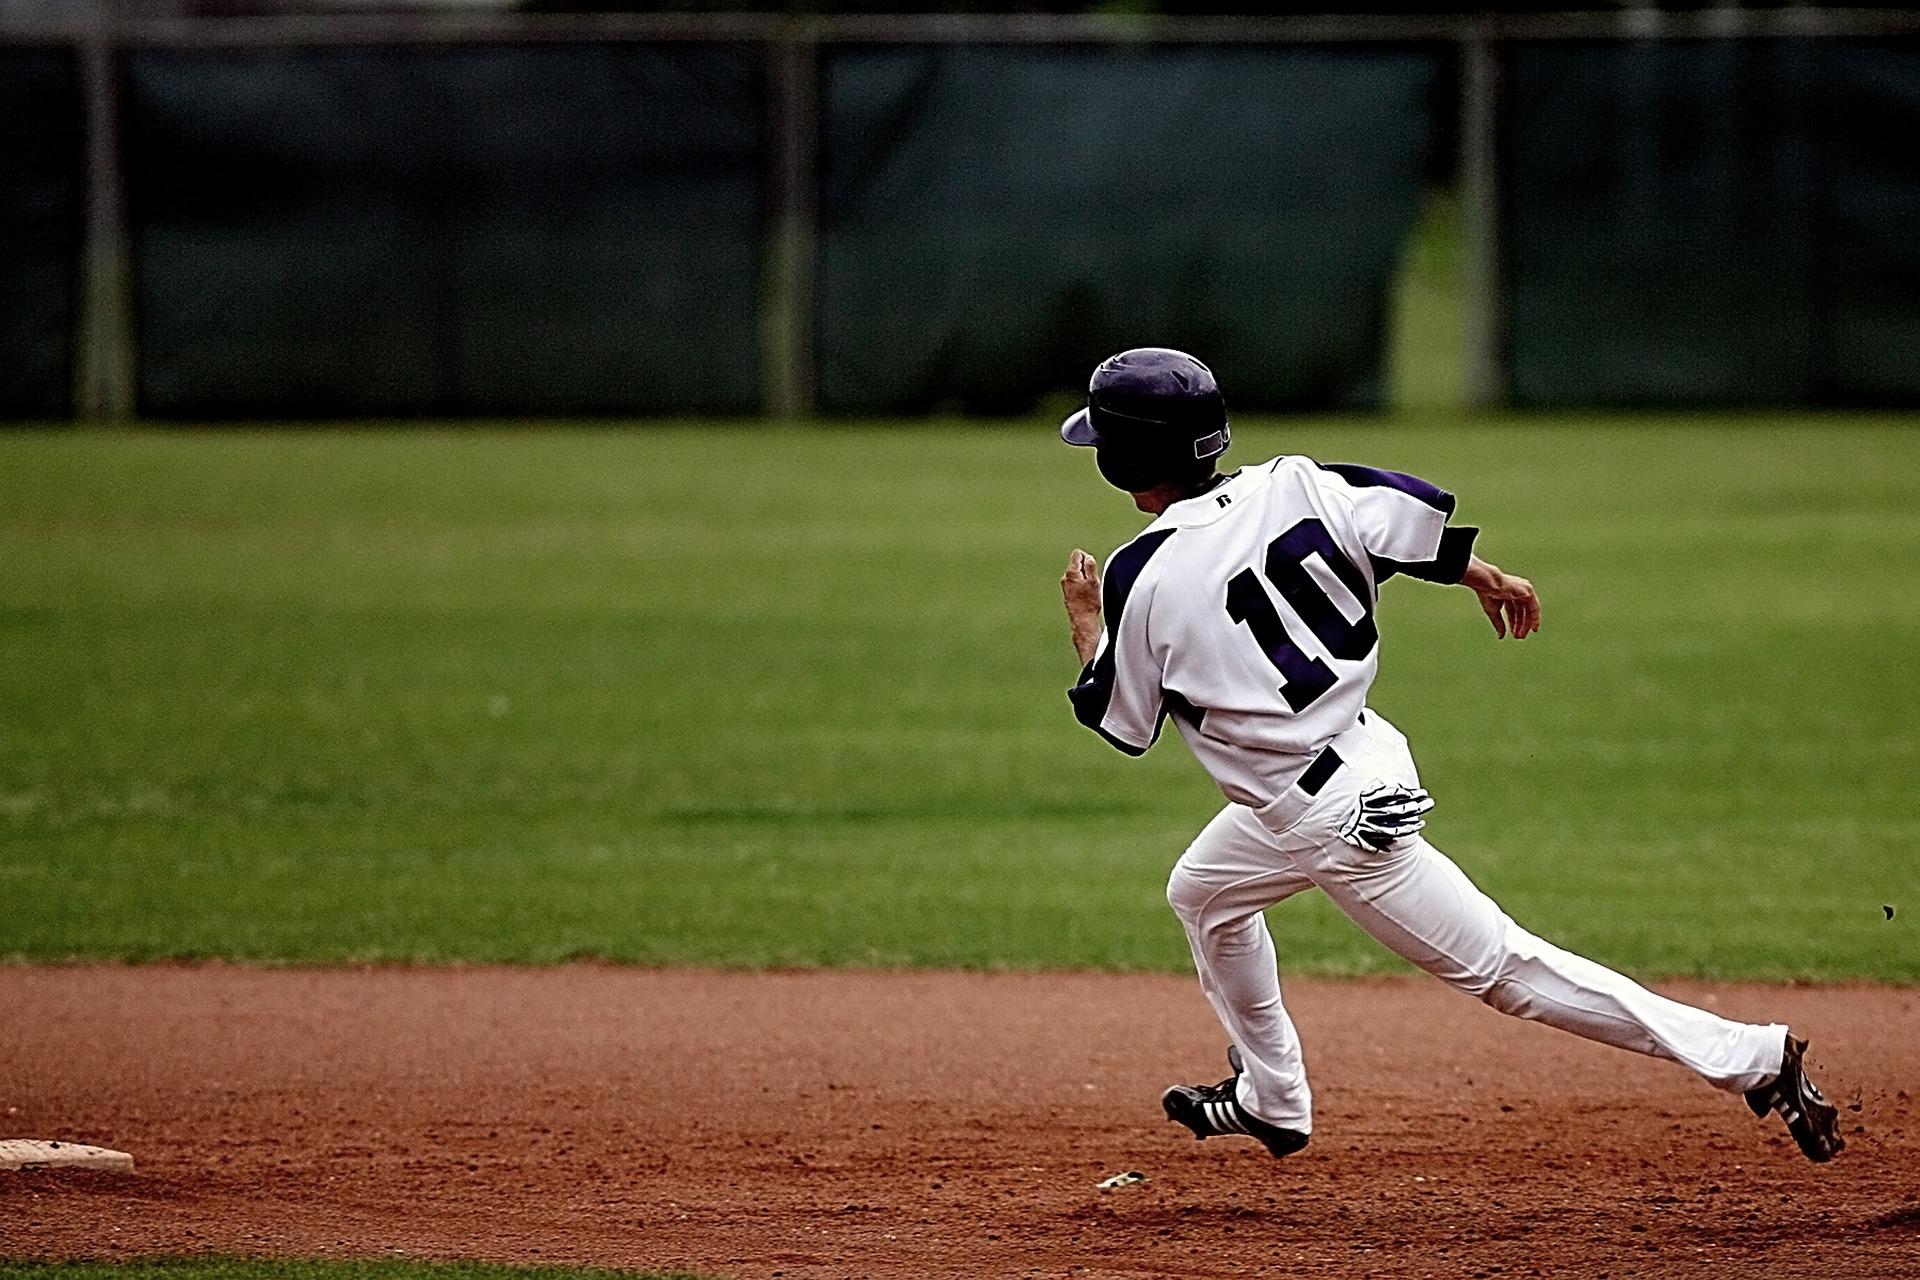 栃木県高校野球2021優勝予想やドラフト注目選手